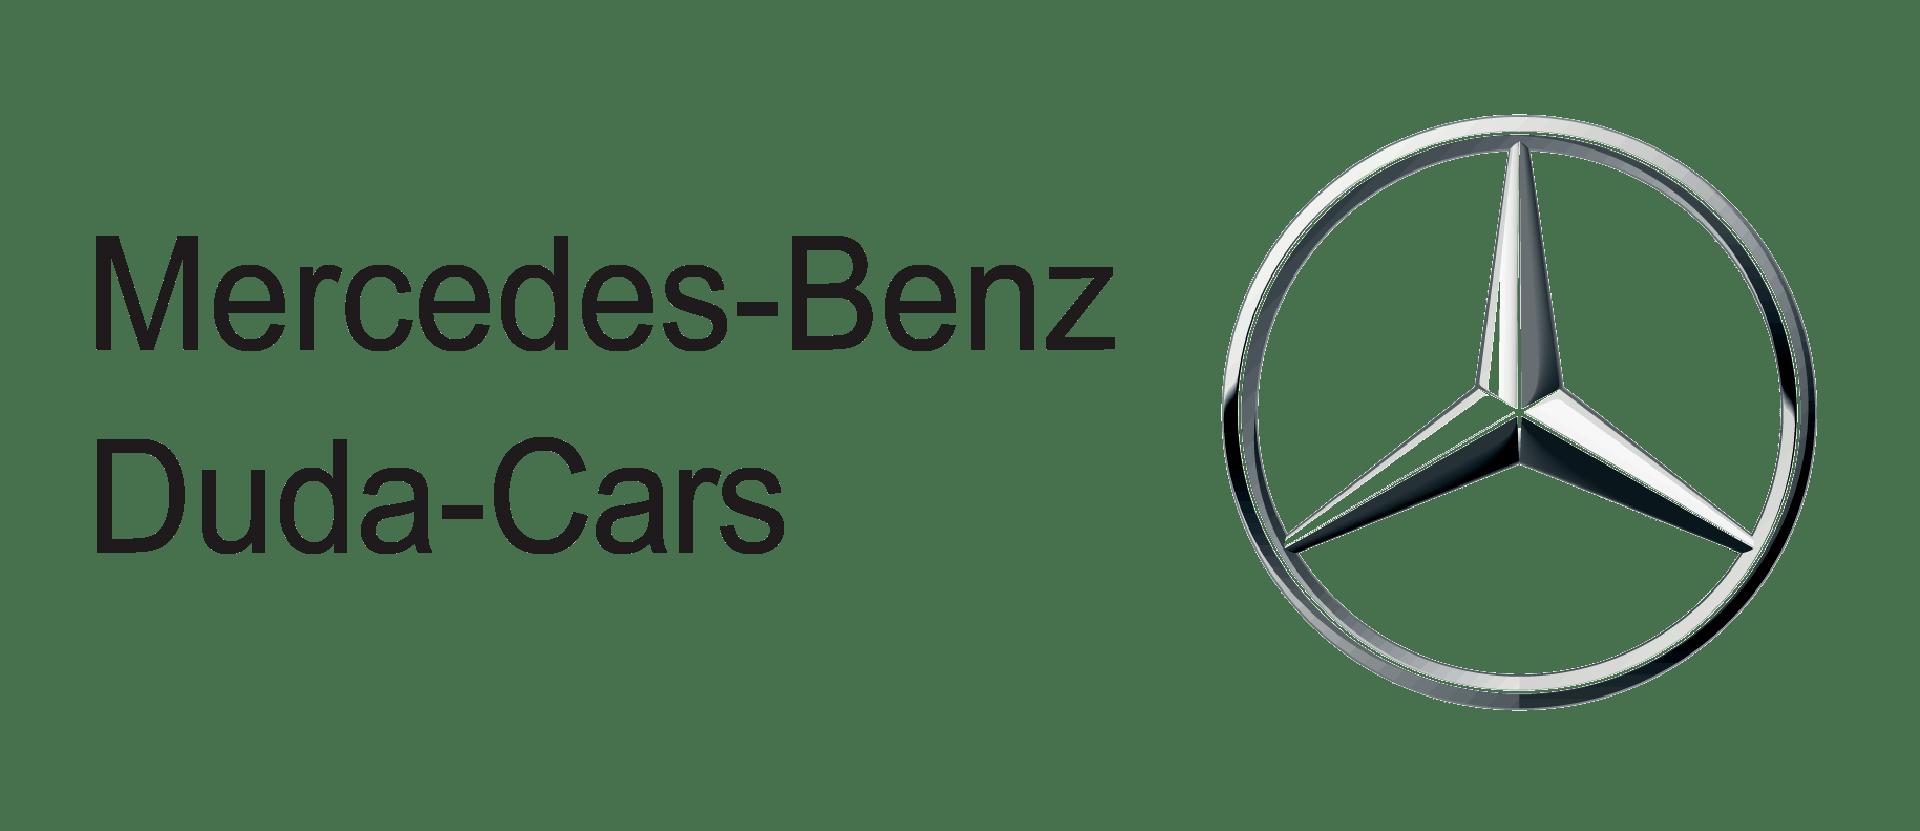 Mercedes-Benz Duda-Cars